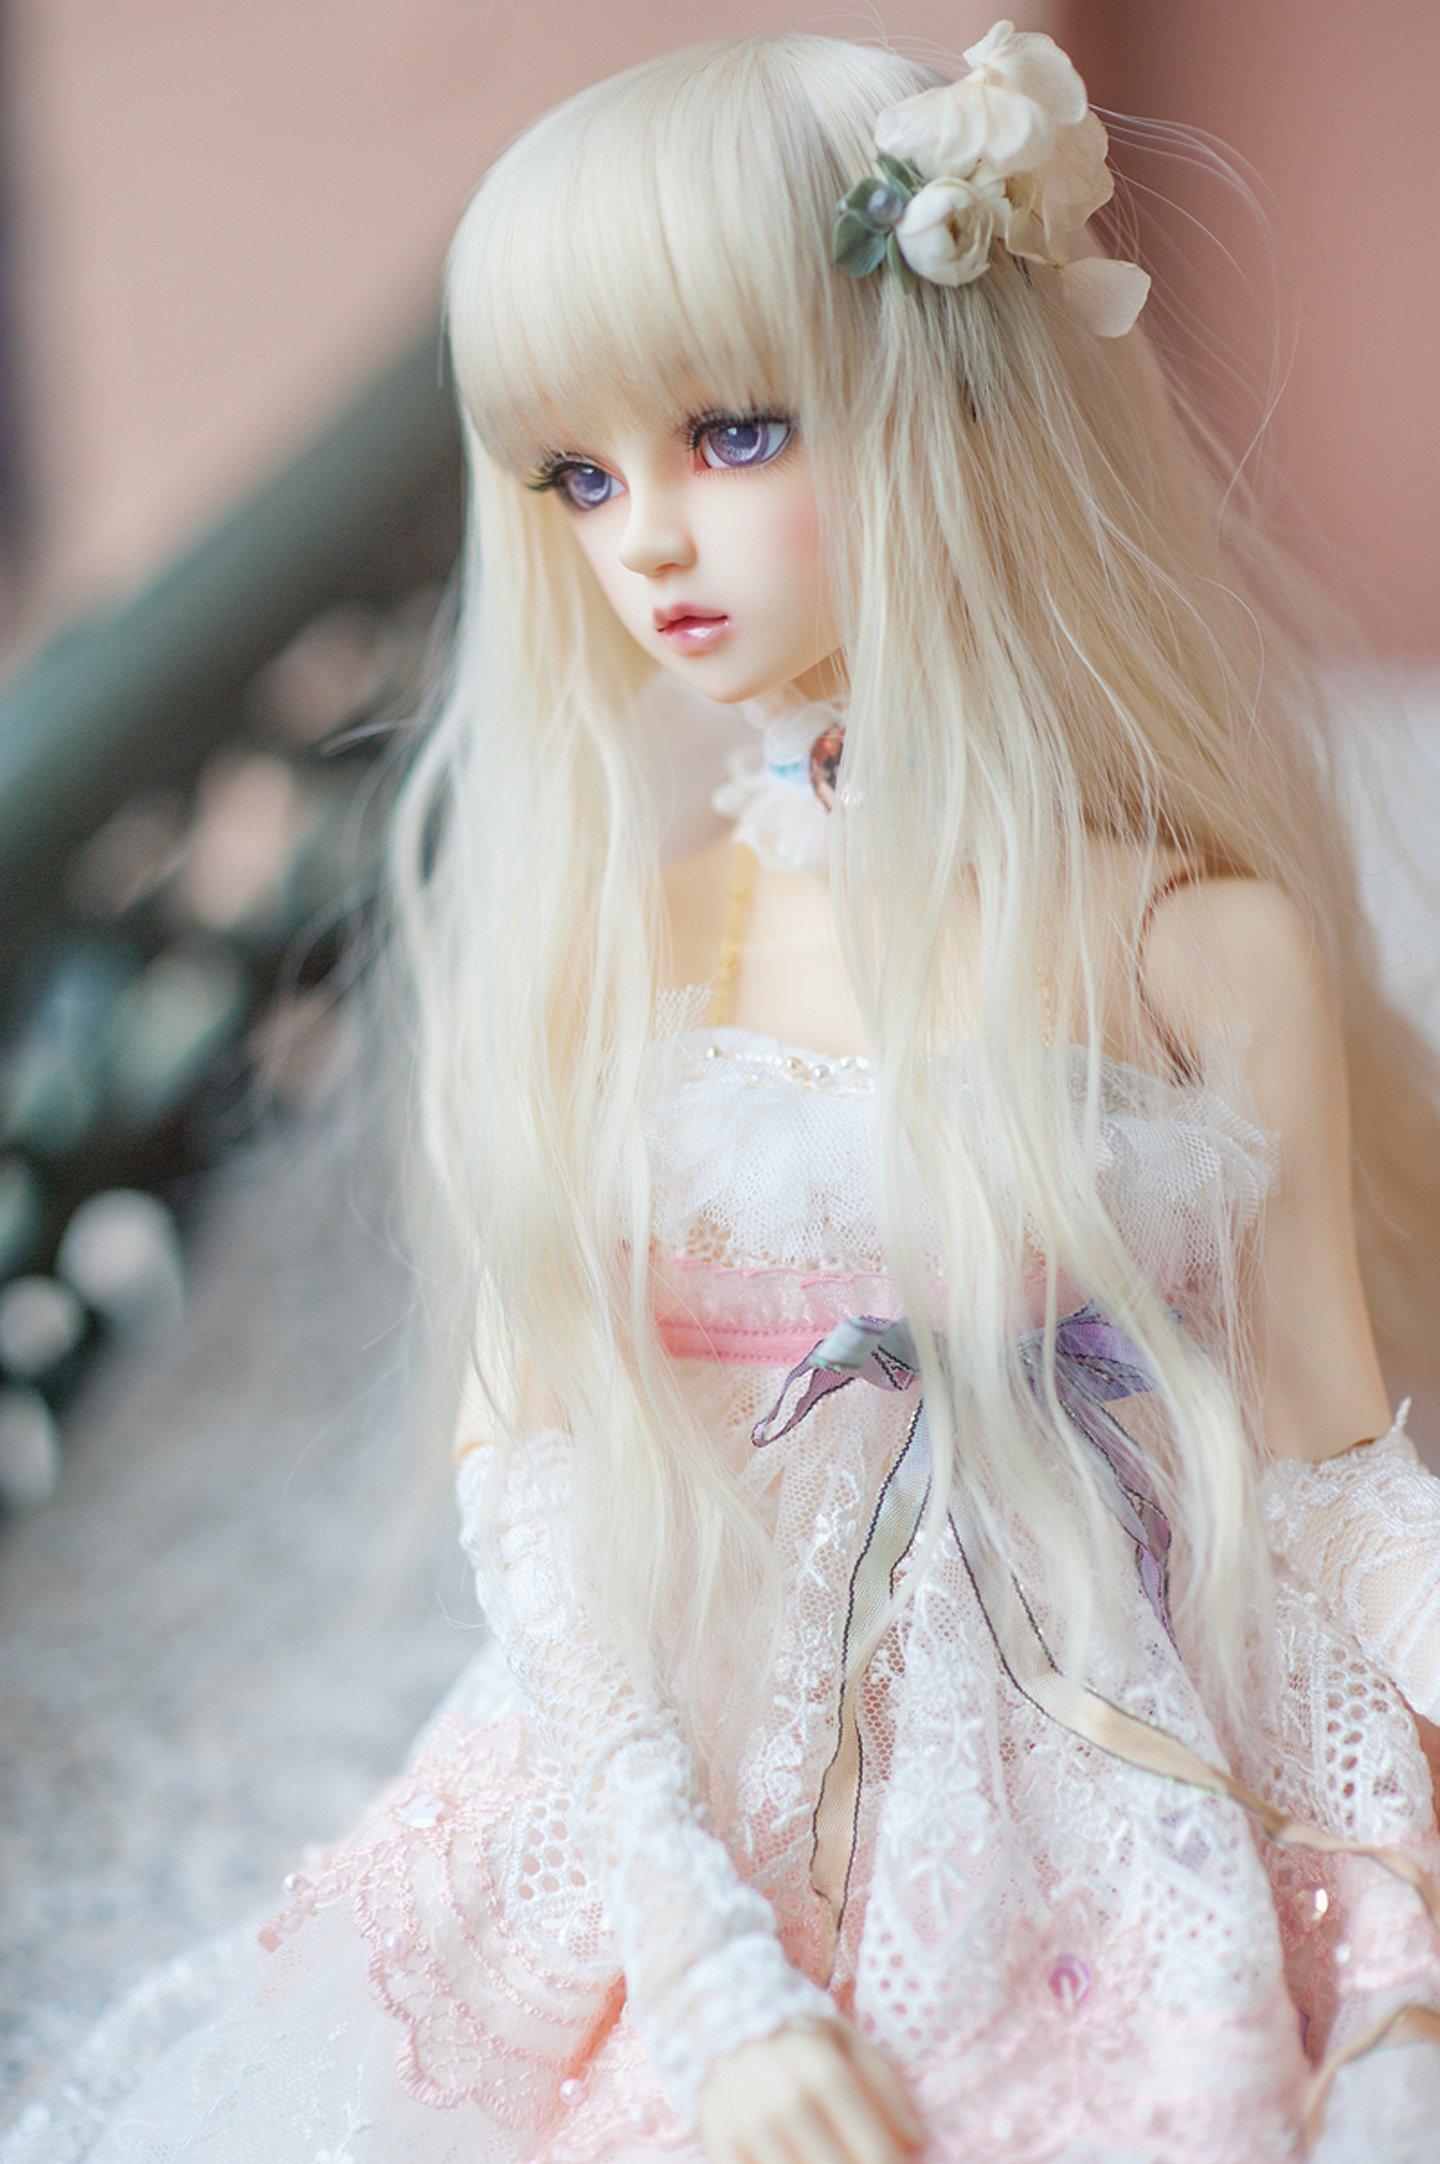 Blond doll toys pretty long hair cute wallpaper ...